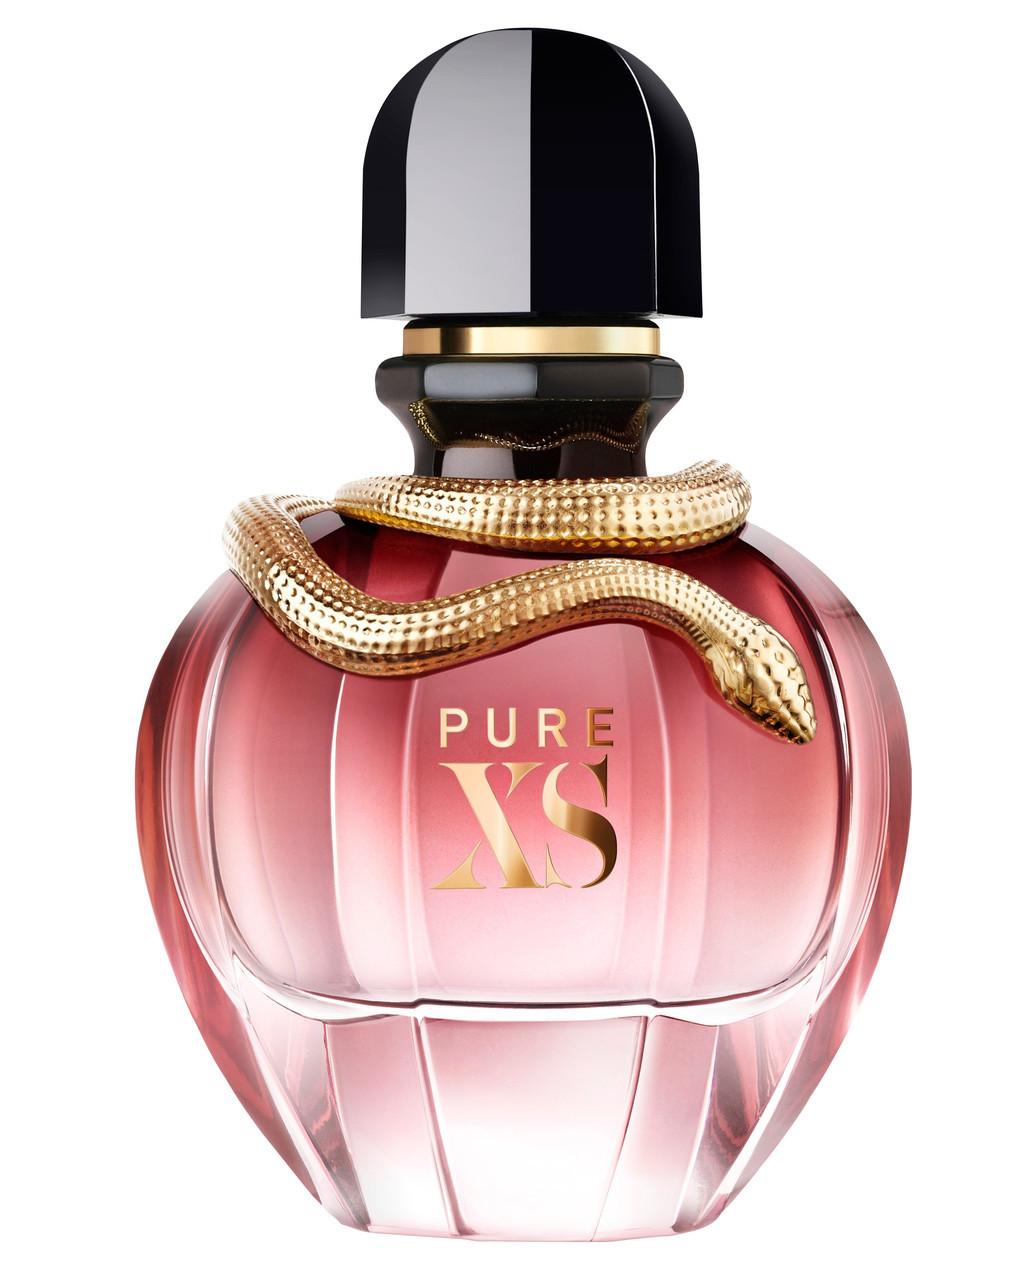 Paco Rabanne  Pure XS For Her 30ml парфюмированная вода  (оригинал)